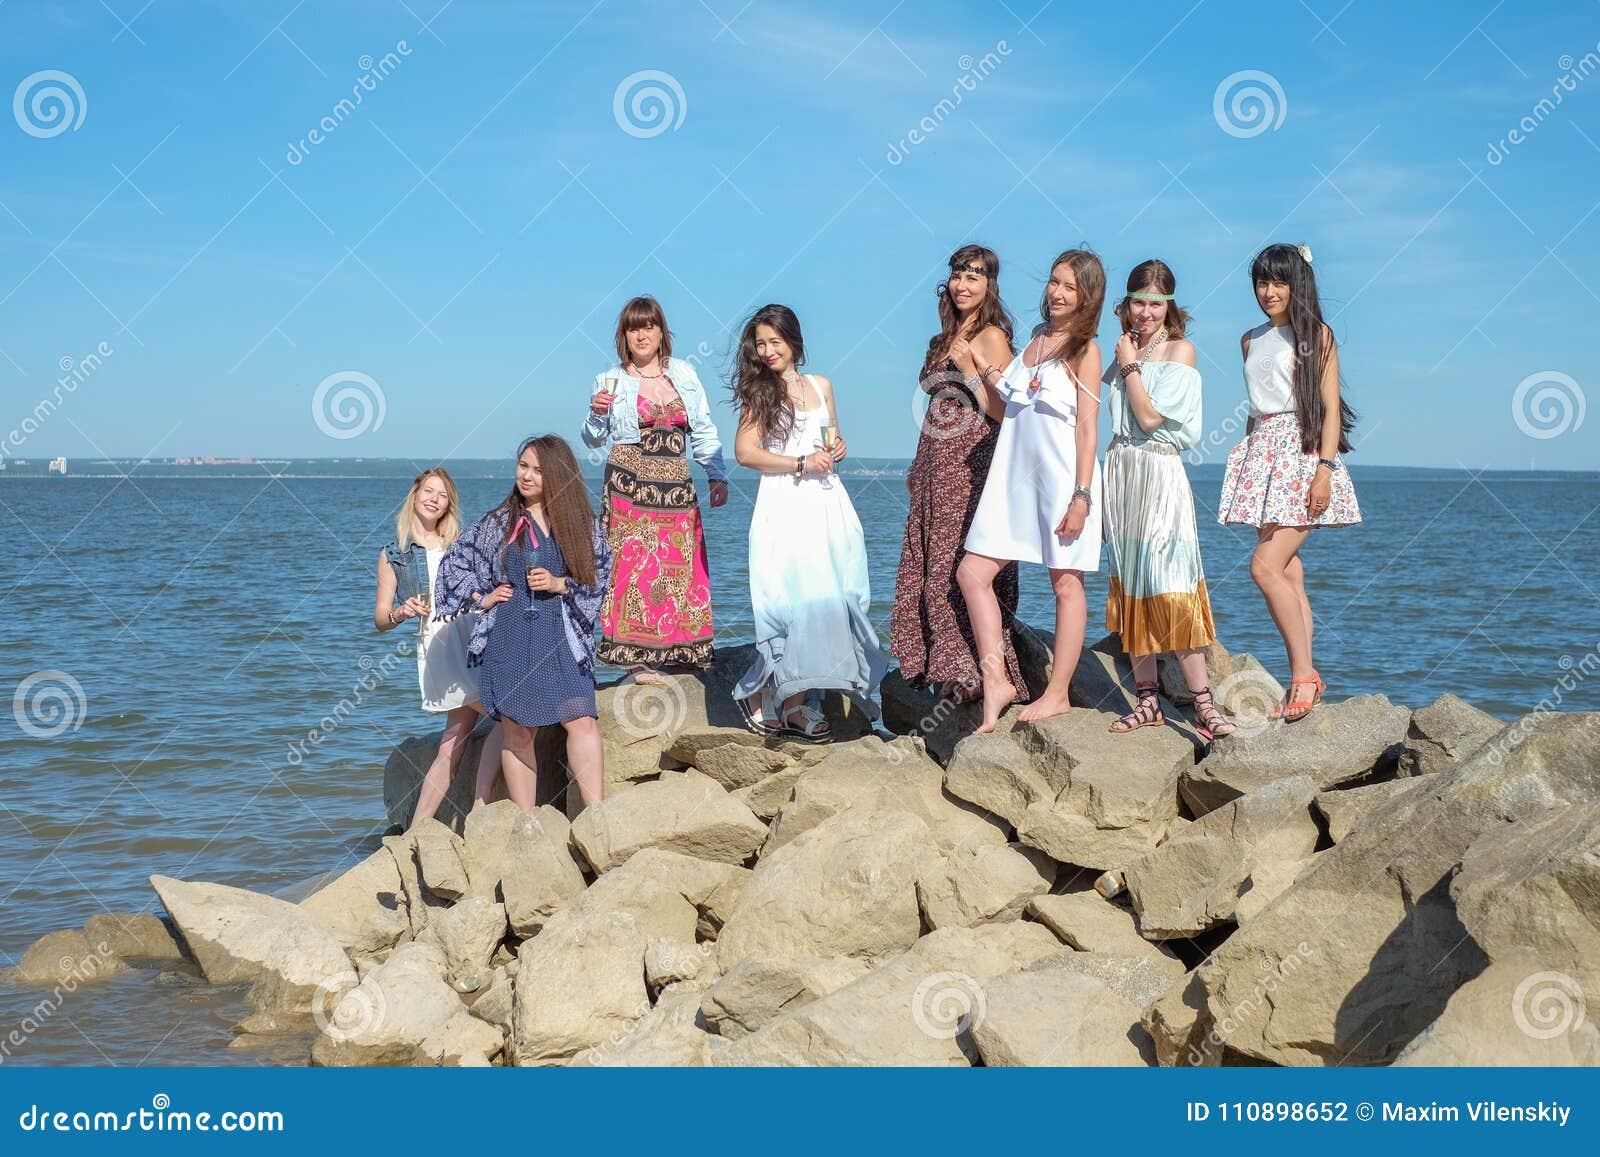 Sommerferienkonzept - Gruppe lächelnde junge Frauen steht auf der Küste still